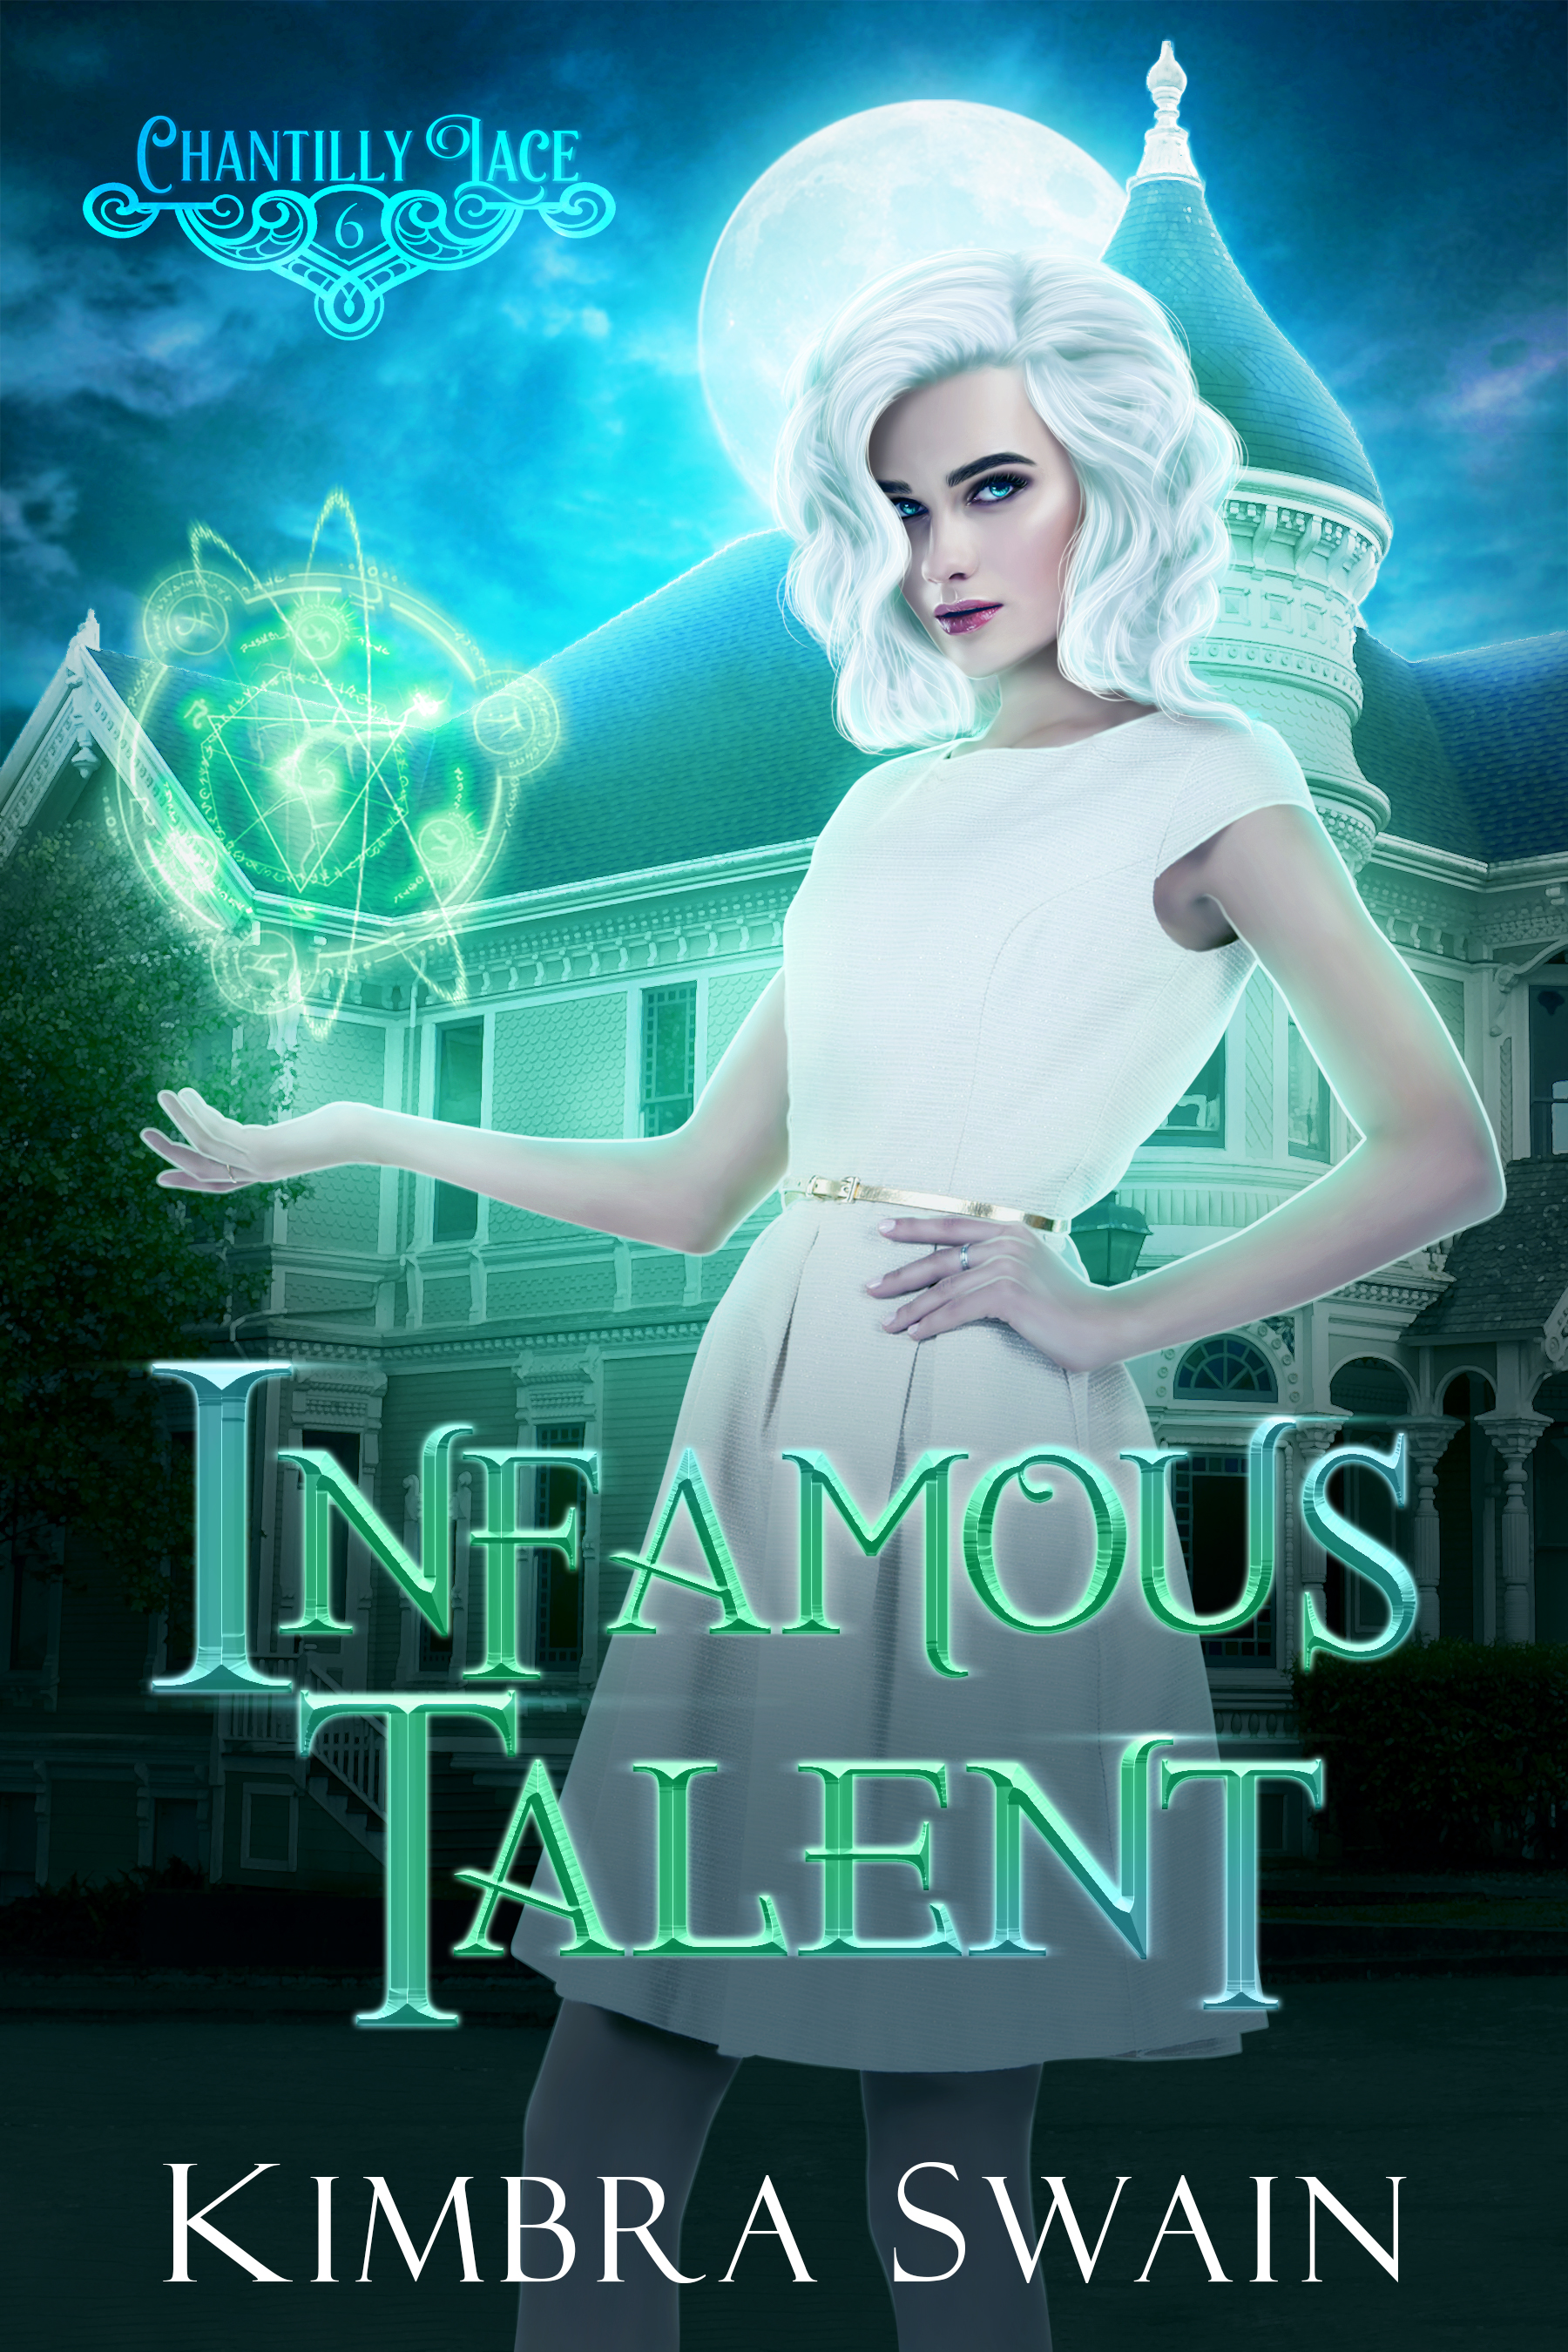 Infamous Talent